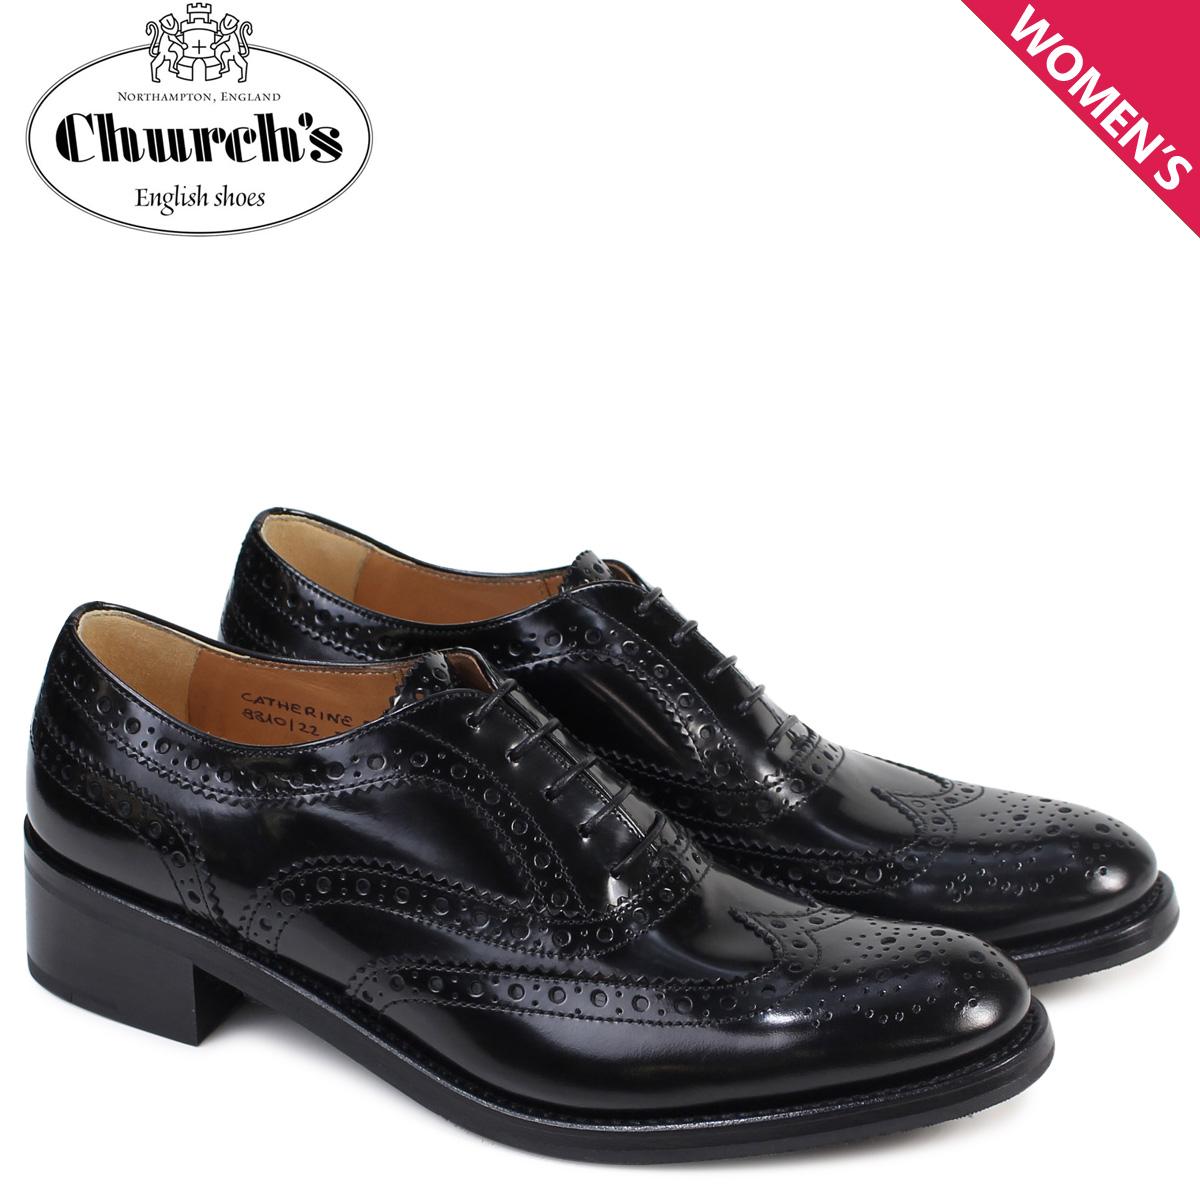 チャーチ Church's 靴 レディース キャサリン シューズ ウイングチップ Catherine R Polish Binder Calf 8810 DE0003 ヒール ブラック